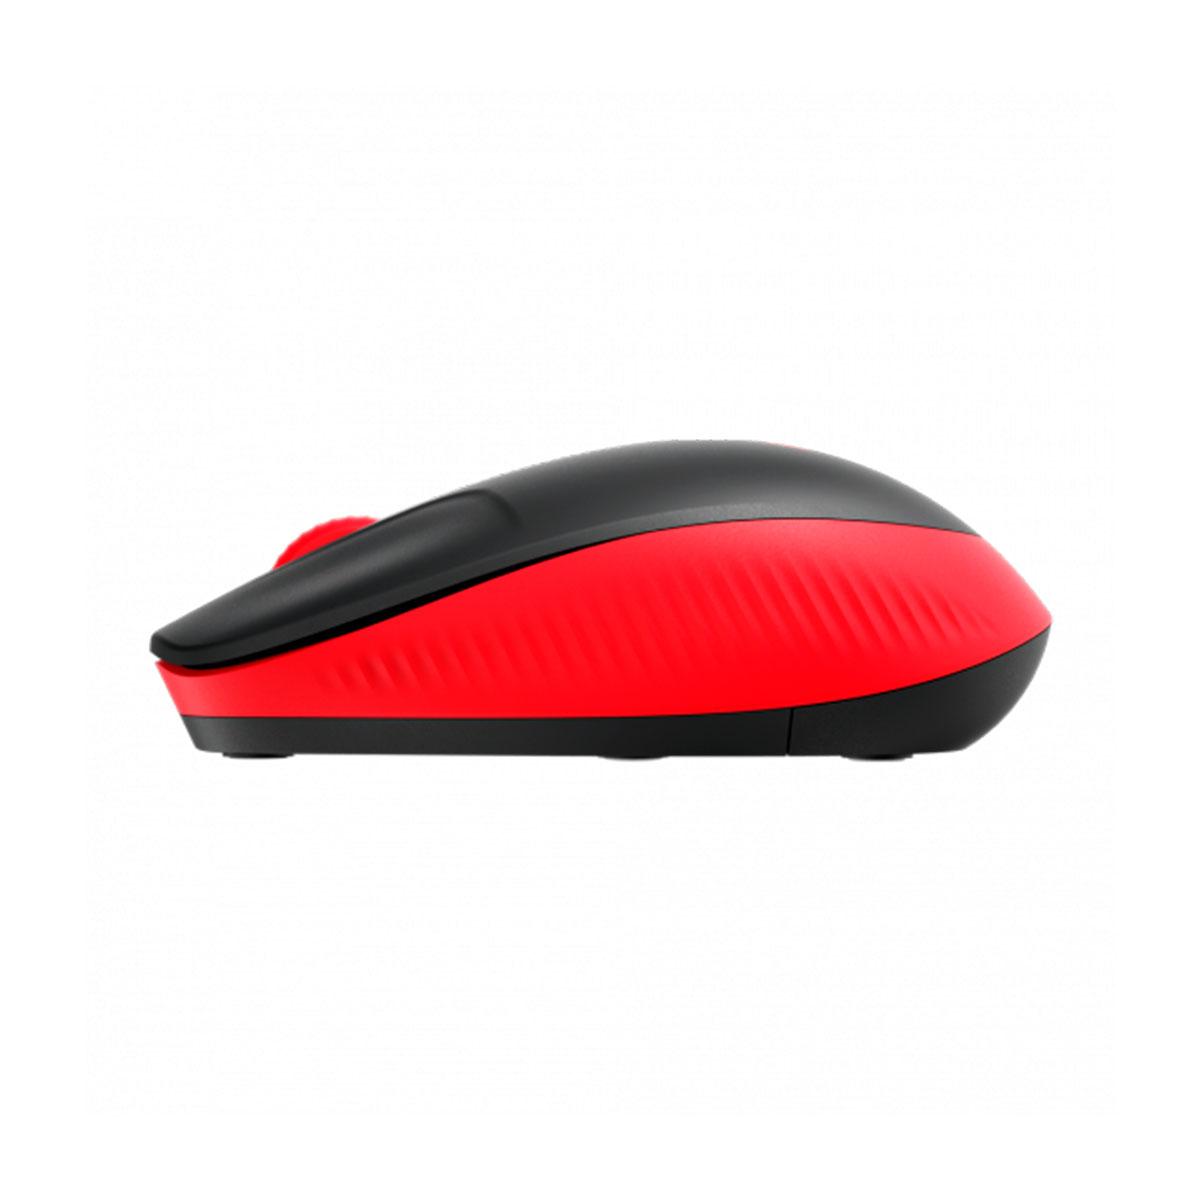 Mouse Wireless Logitech M190, 1000DPI, Preto e Vermelho